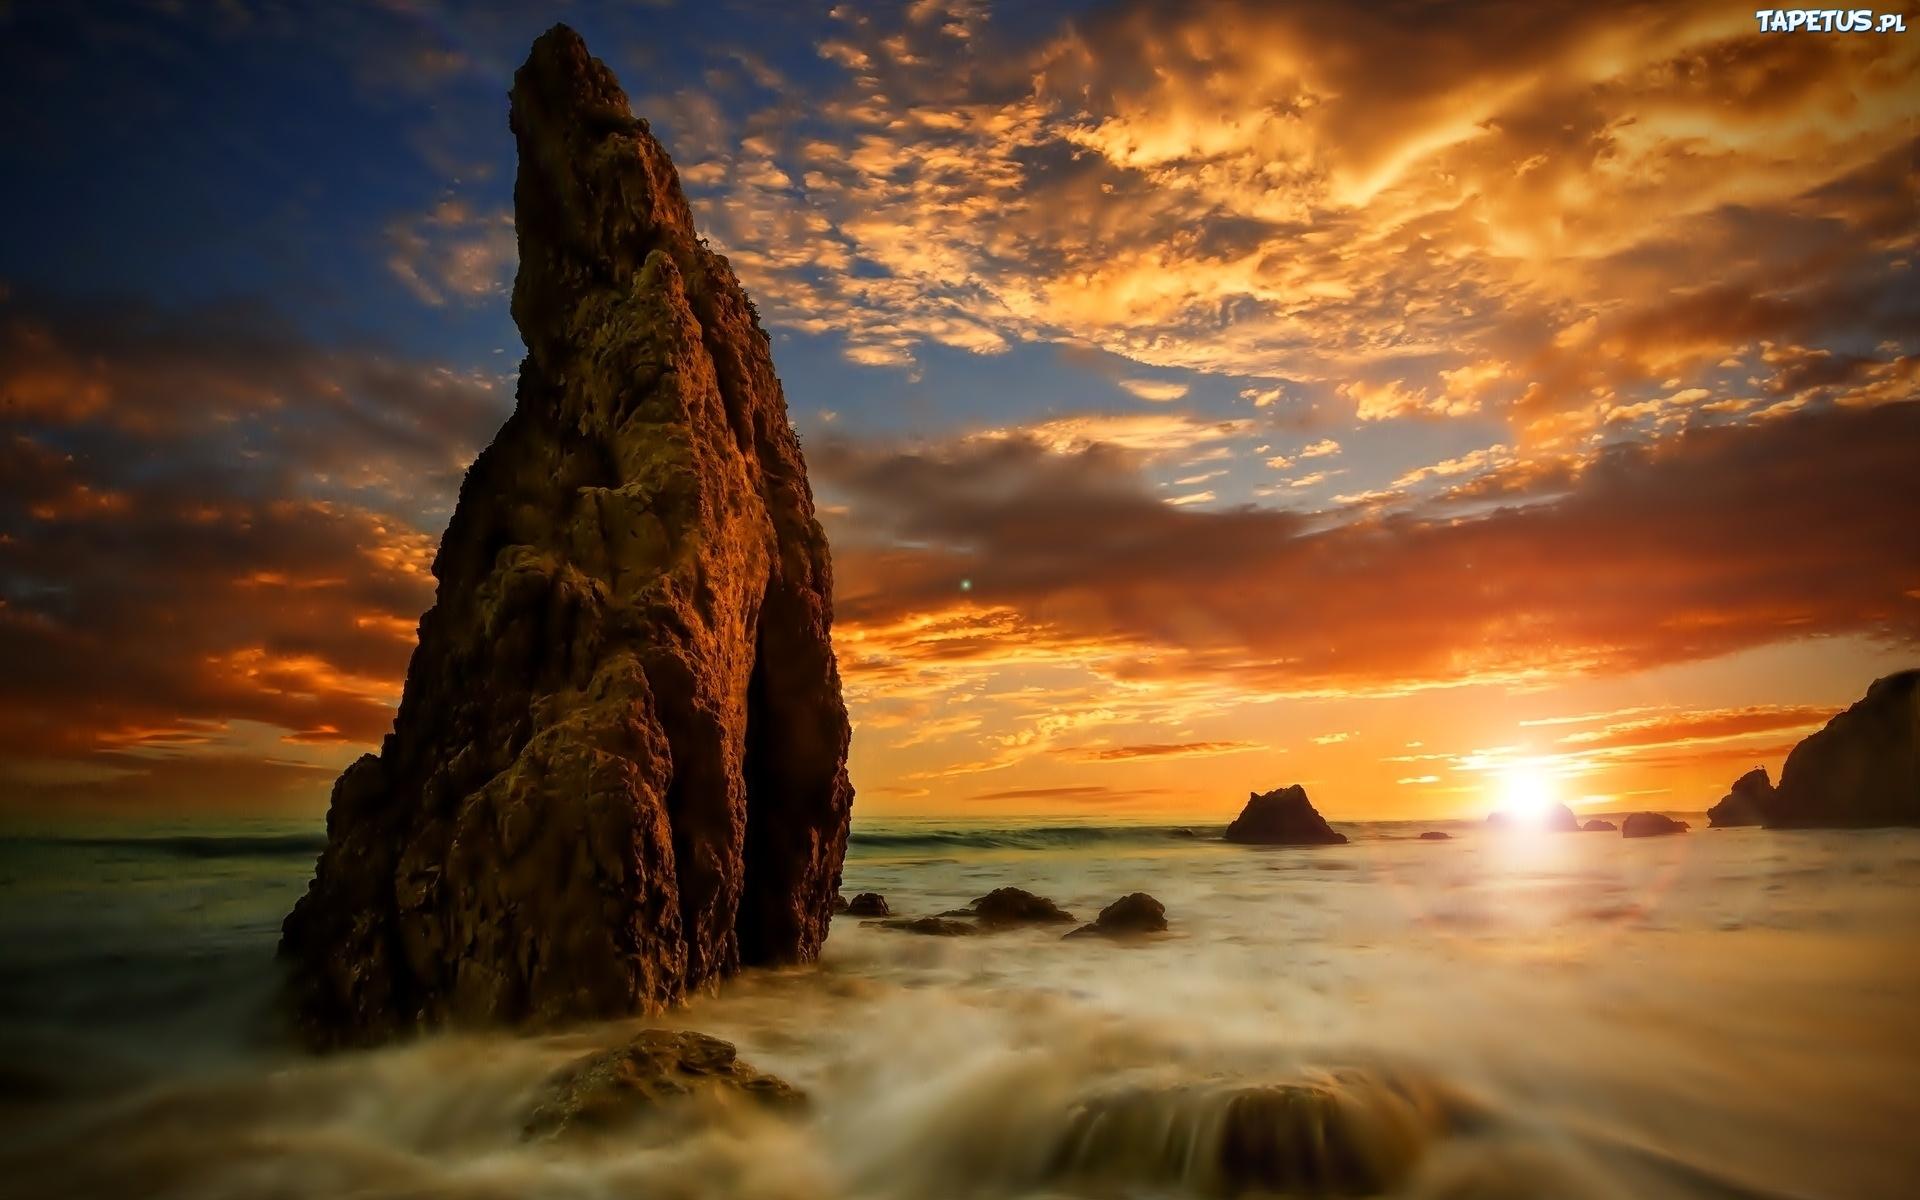 220166_chmury-morze-skaly-zachod-slonca.jpg